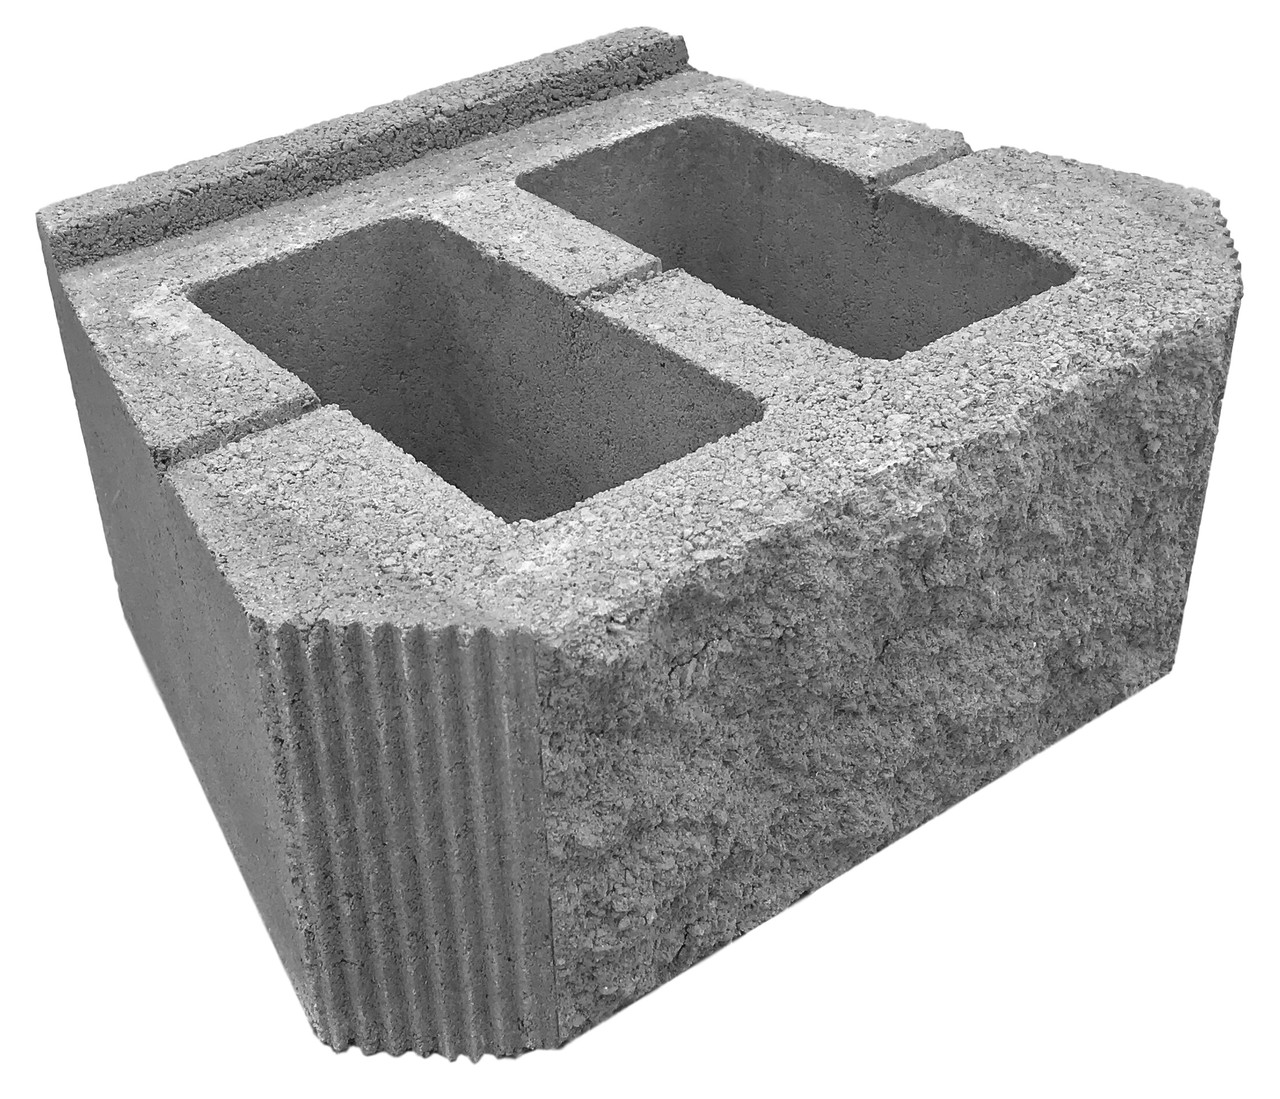 Подпорный блок колотый, серый